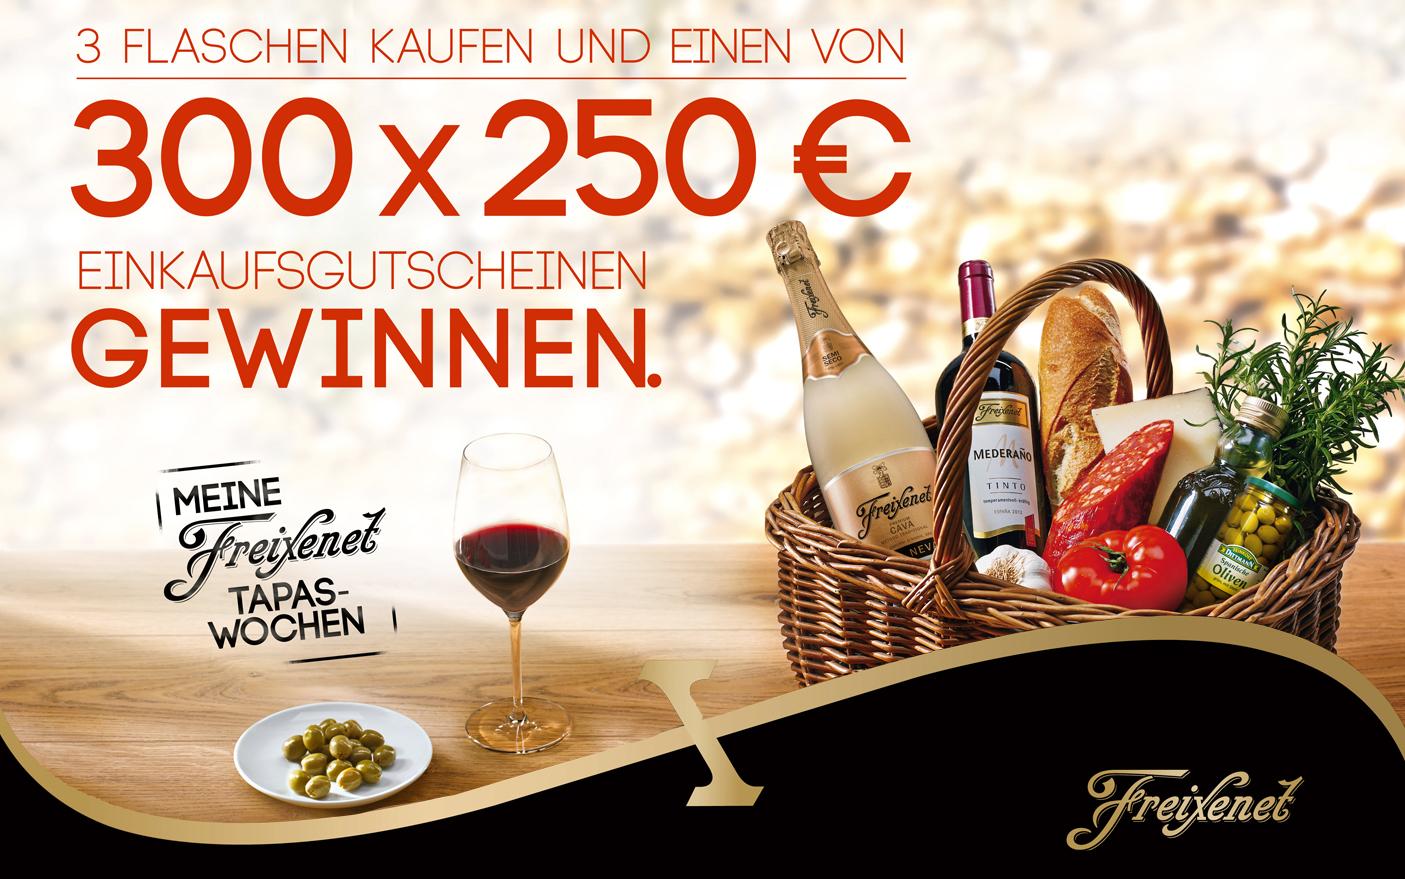 Produktkorb mit Freixenet Wein und Lebensmitteln